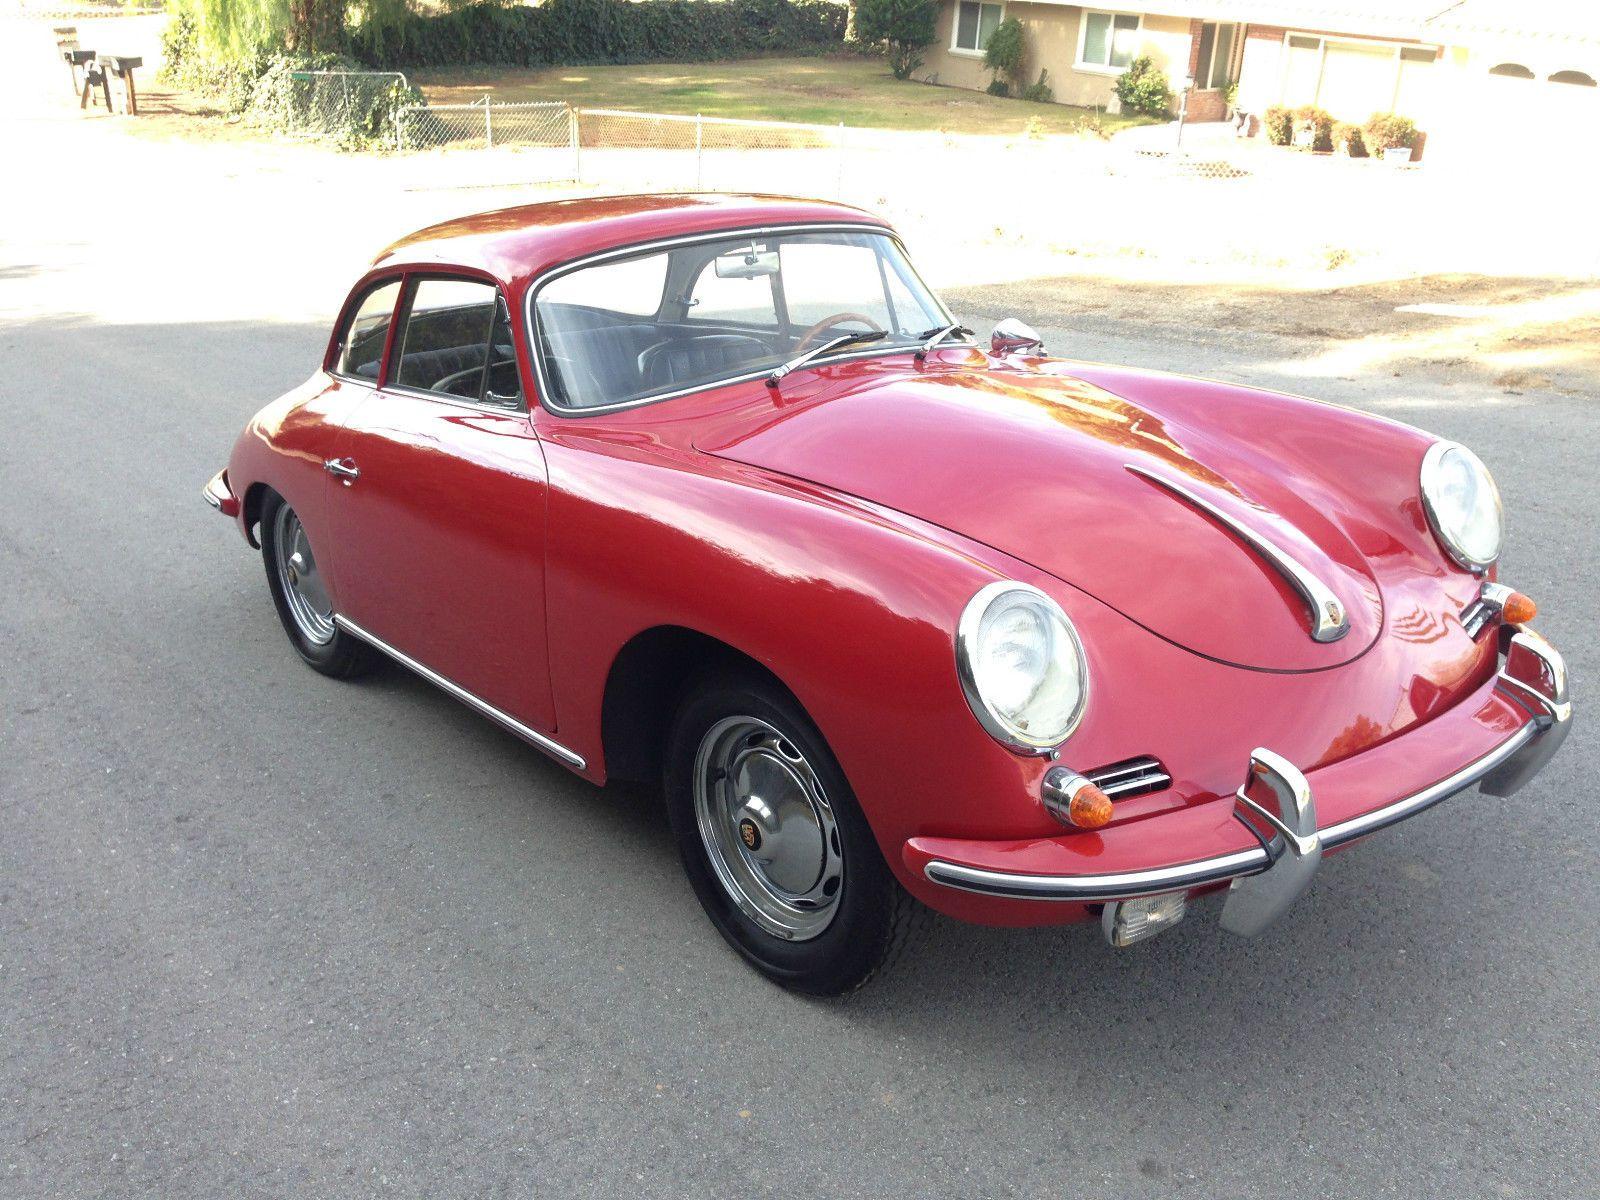 1961 Porsche 356 1600 Super Notch Back (2016-01-16-16AF518)